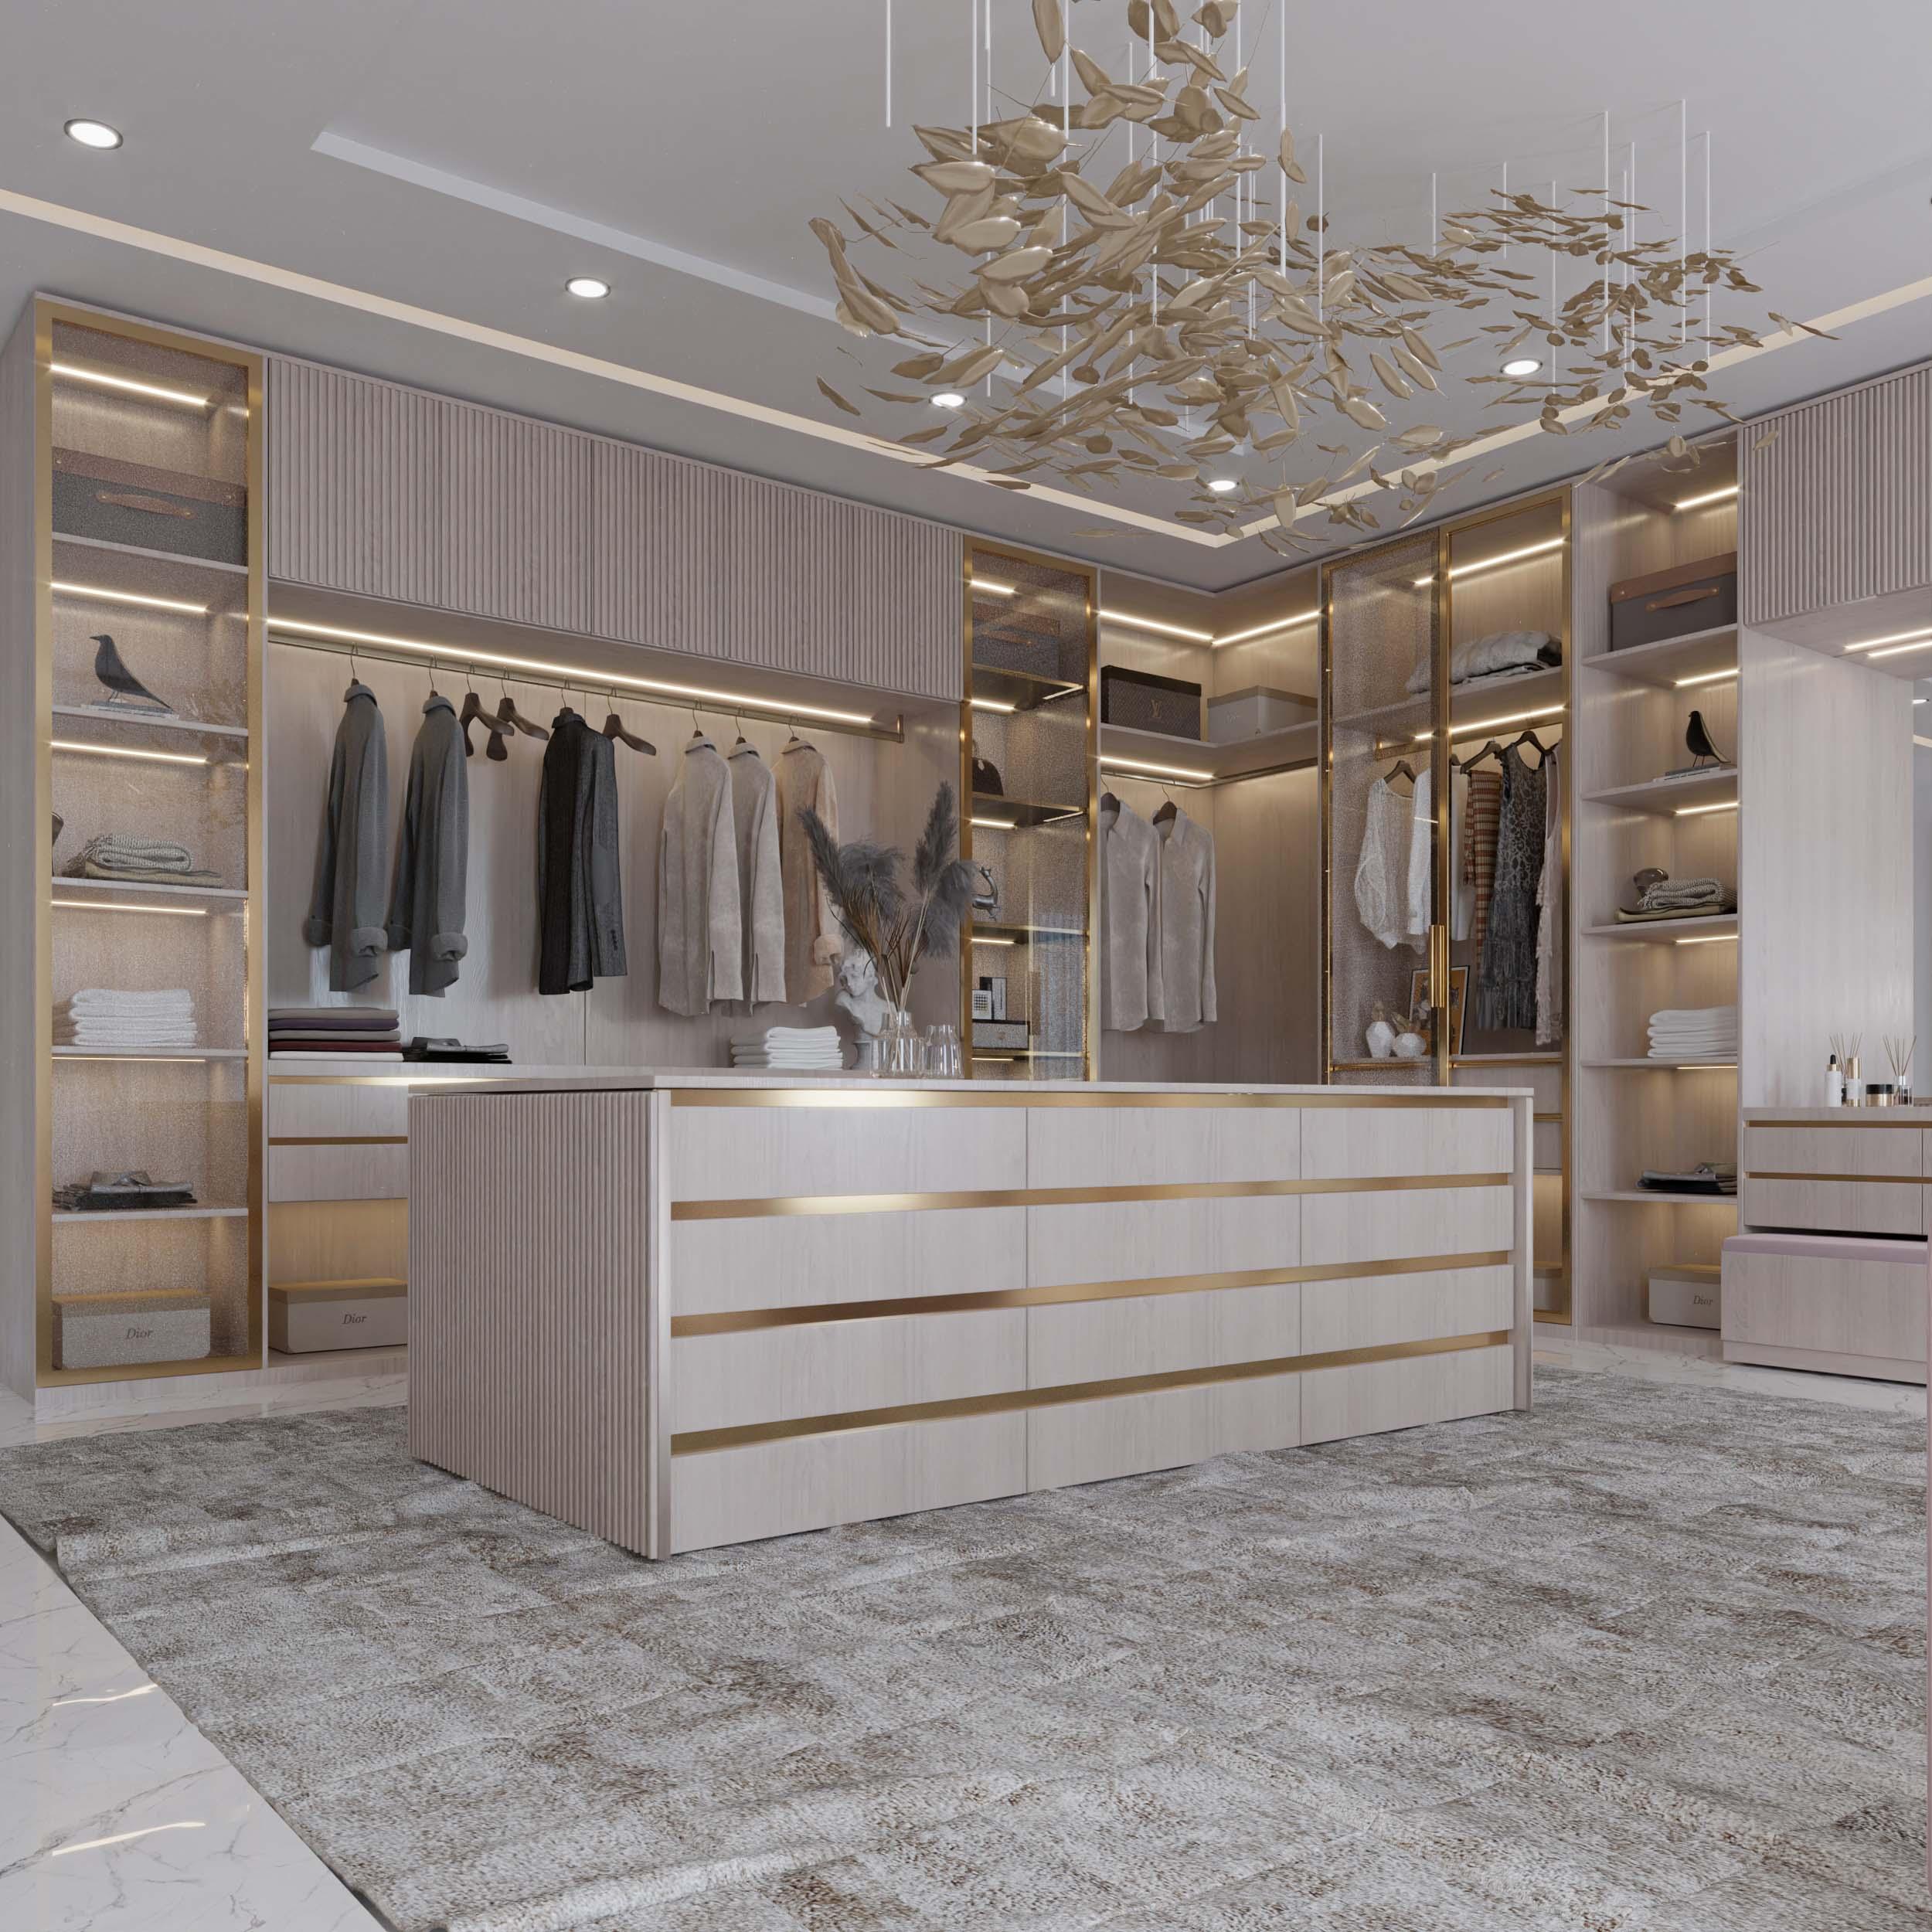 dressing room designs - golden details